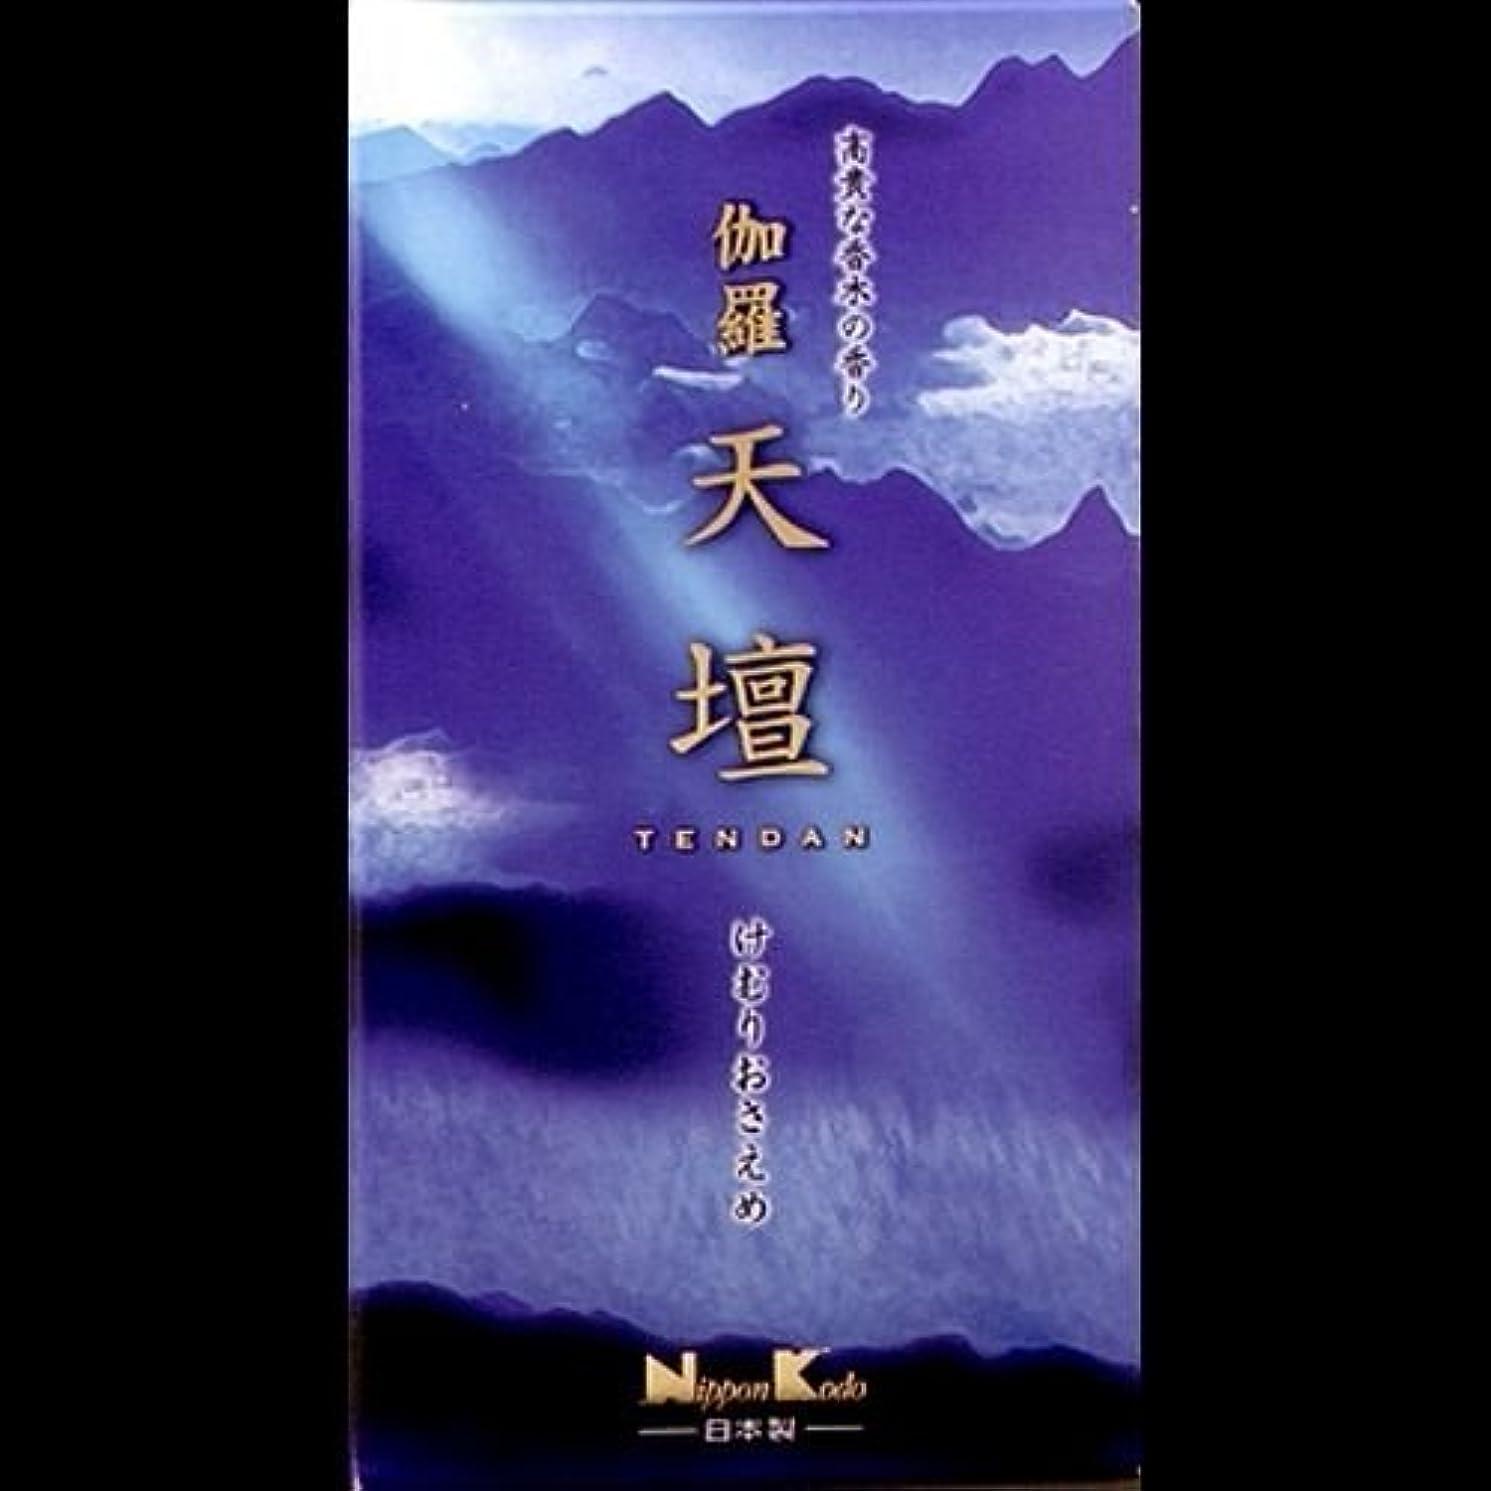 精緻化上院議員文庫本【まとめ買い】伽羅天壇 バラ詰 ×2セット